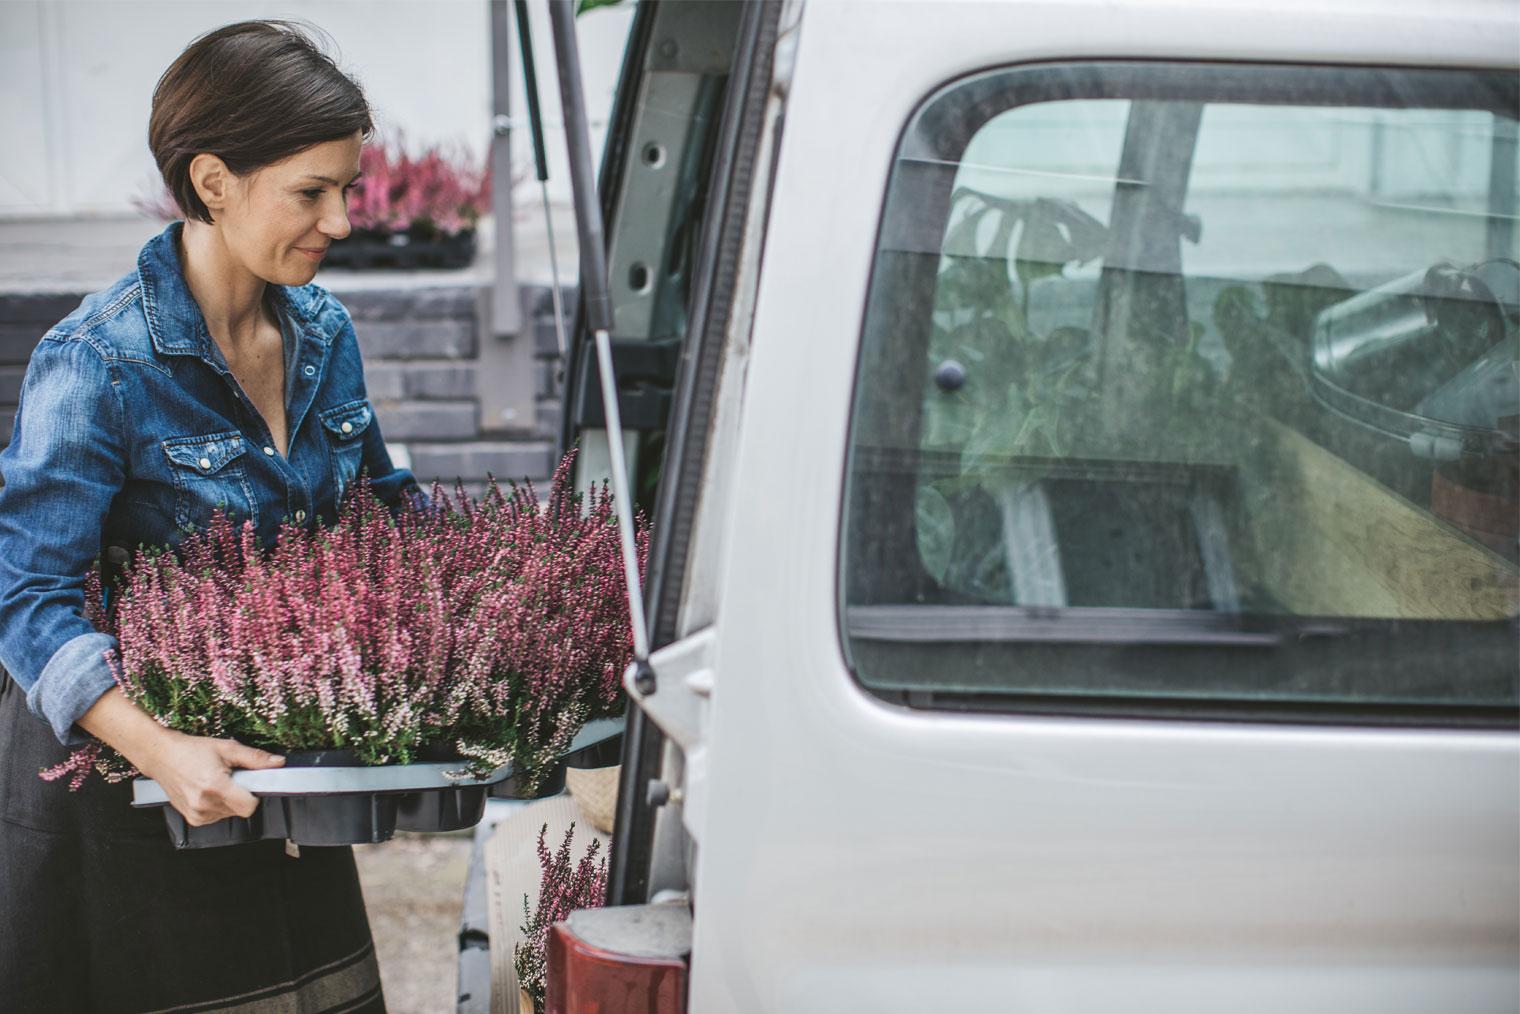 Kvinne som bærer planter inn i en bil